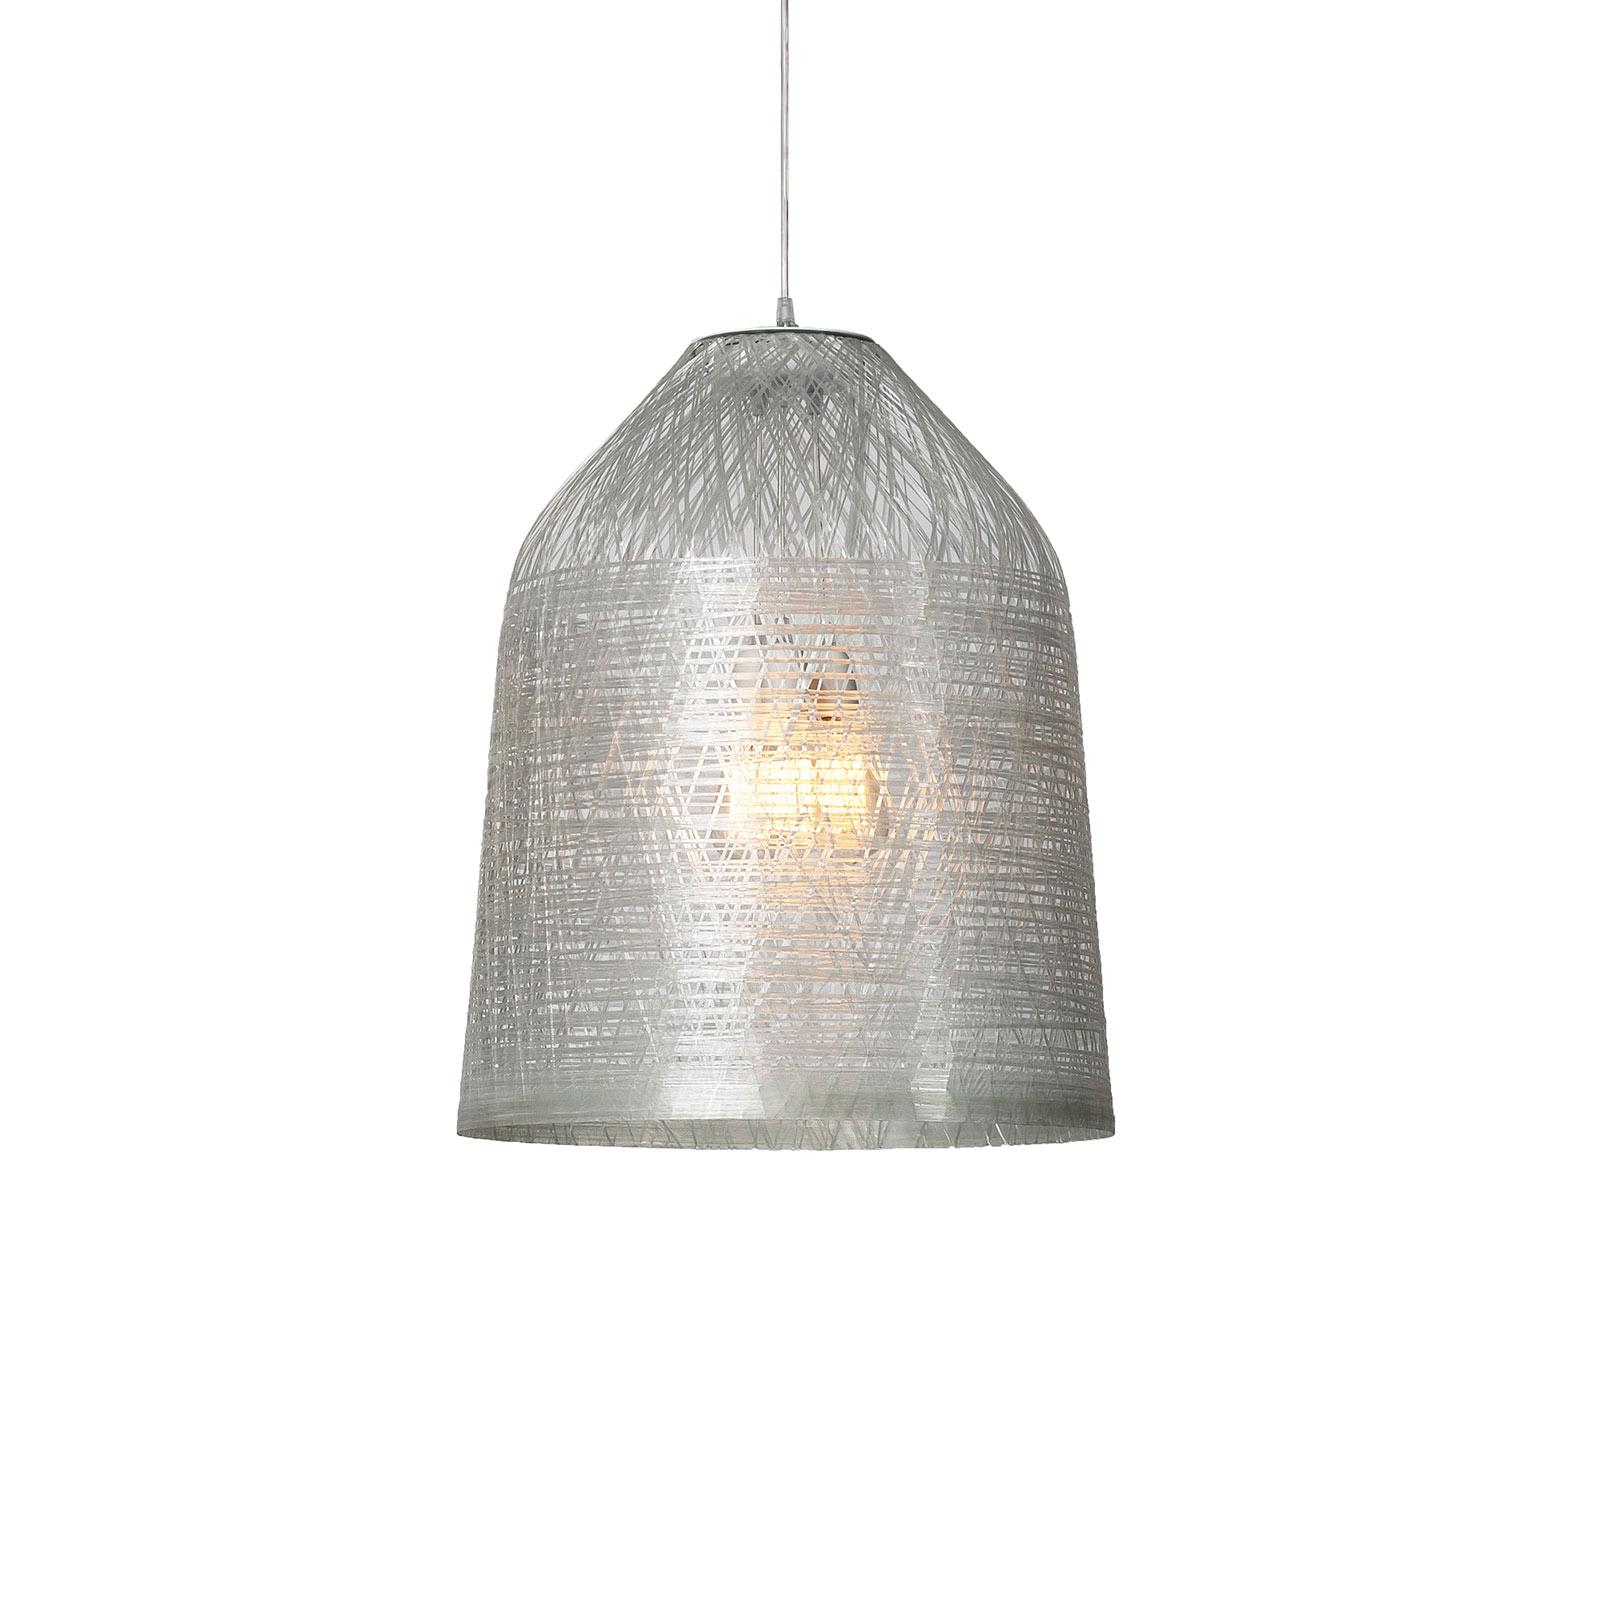 Karman Black Out udendørs hængelampe, Ø 35cm, klar